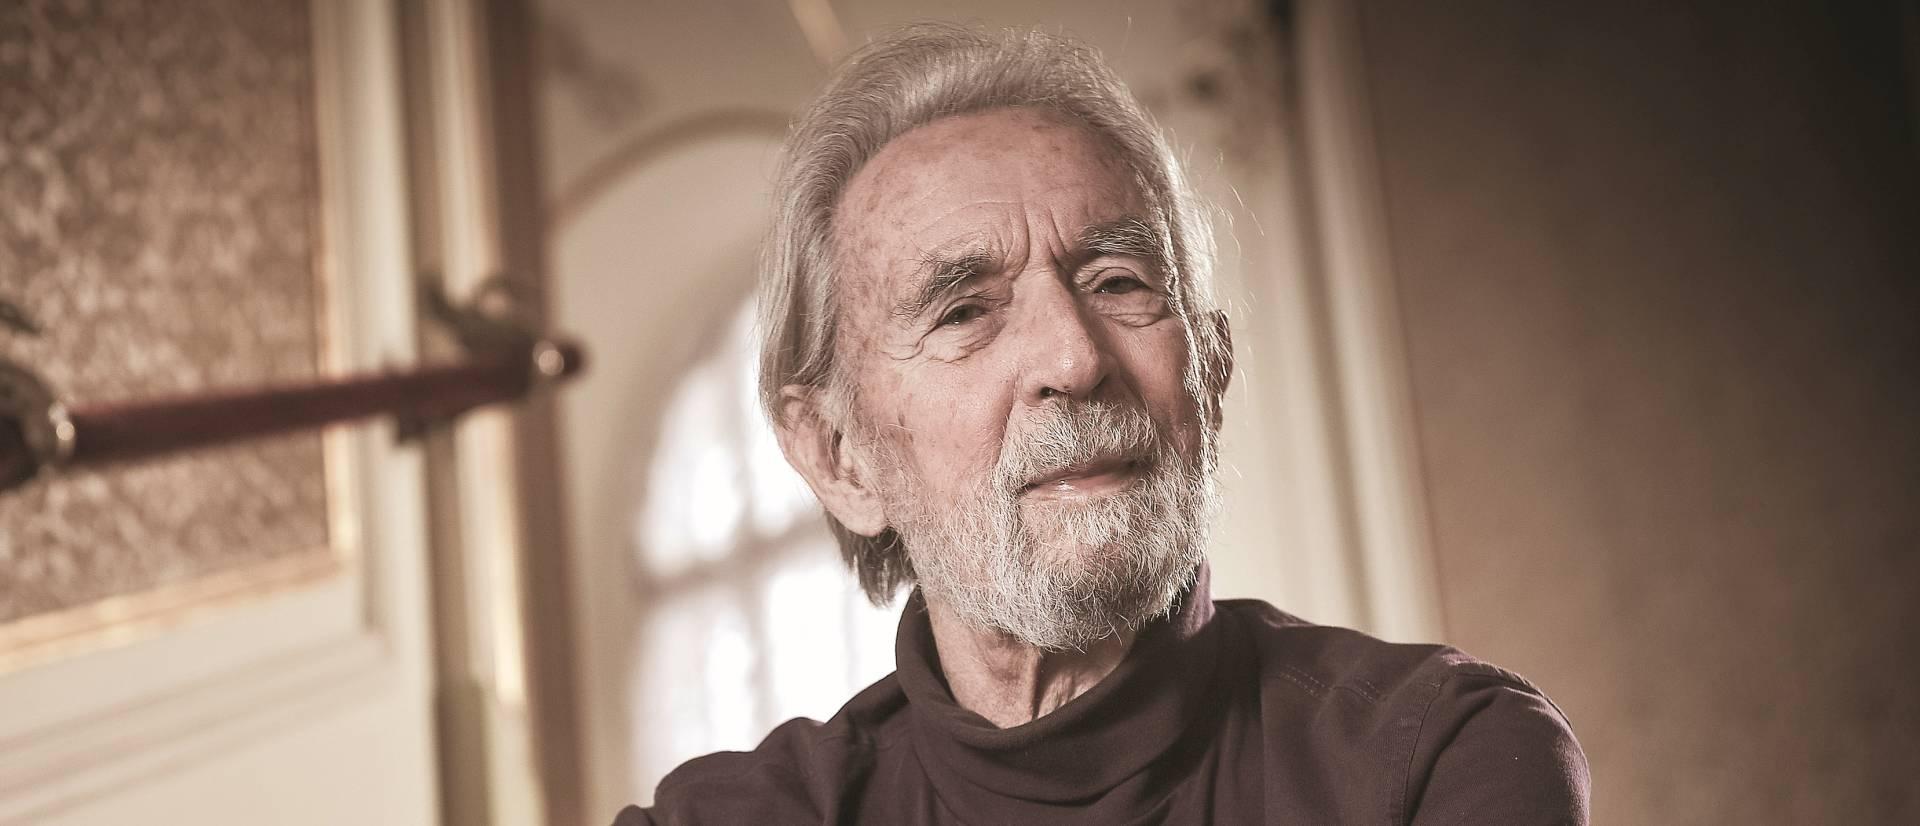 MILKO ŠPAREMBLEK O SVOM NOVOM BALETU:'Moj Faust je aktualan jer smo svi prodali dušu vragu'